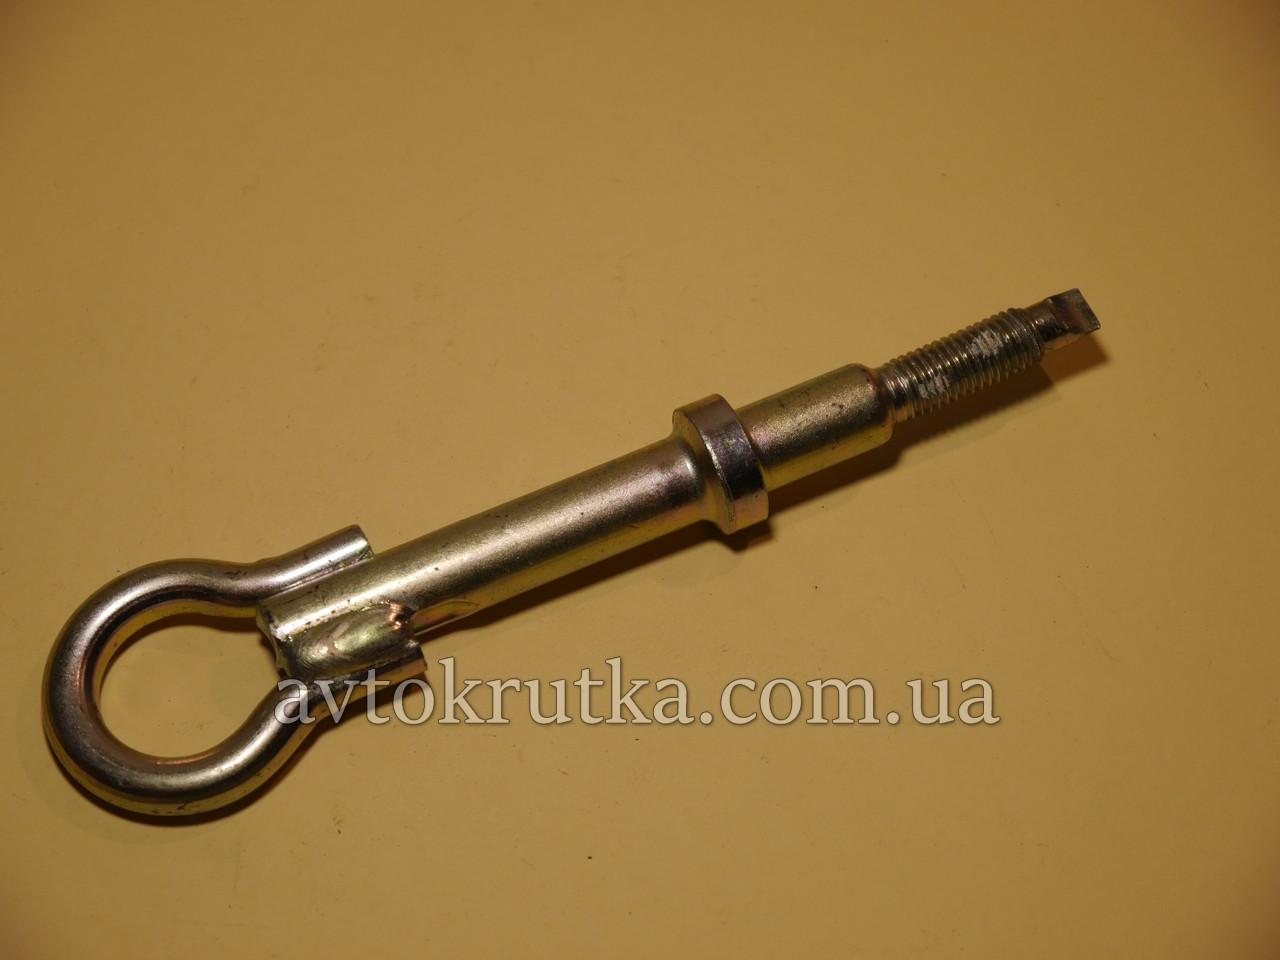 Буксировочный крюк Peugeot Expert (Пежо Эксперт) 1440036880